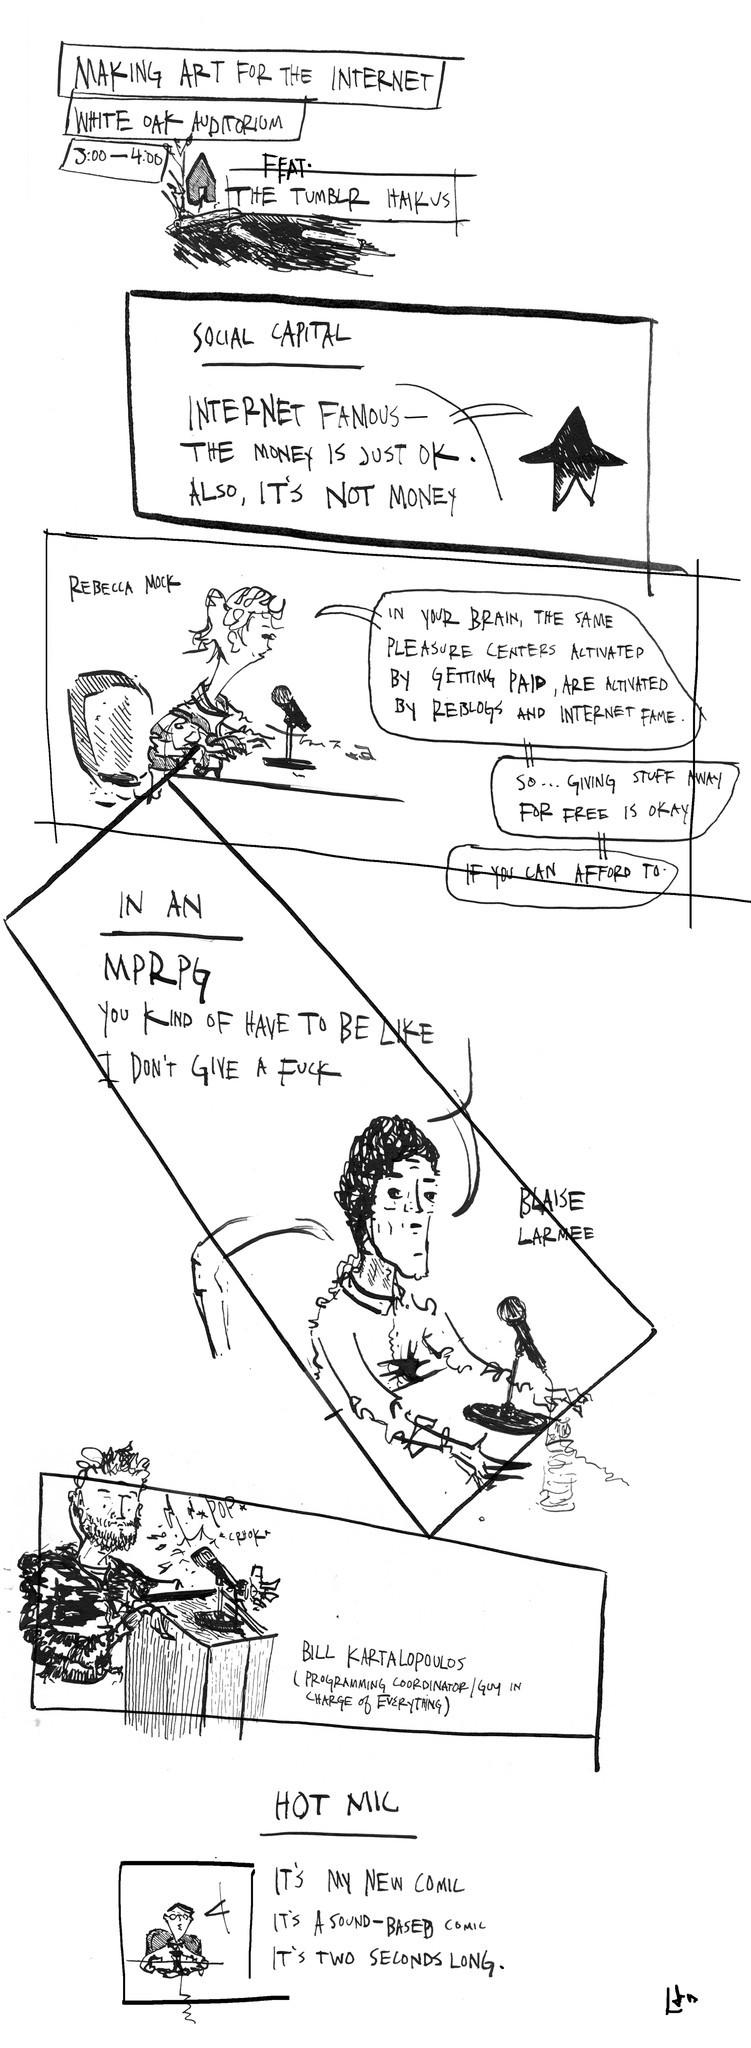 Internet Haikus